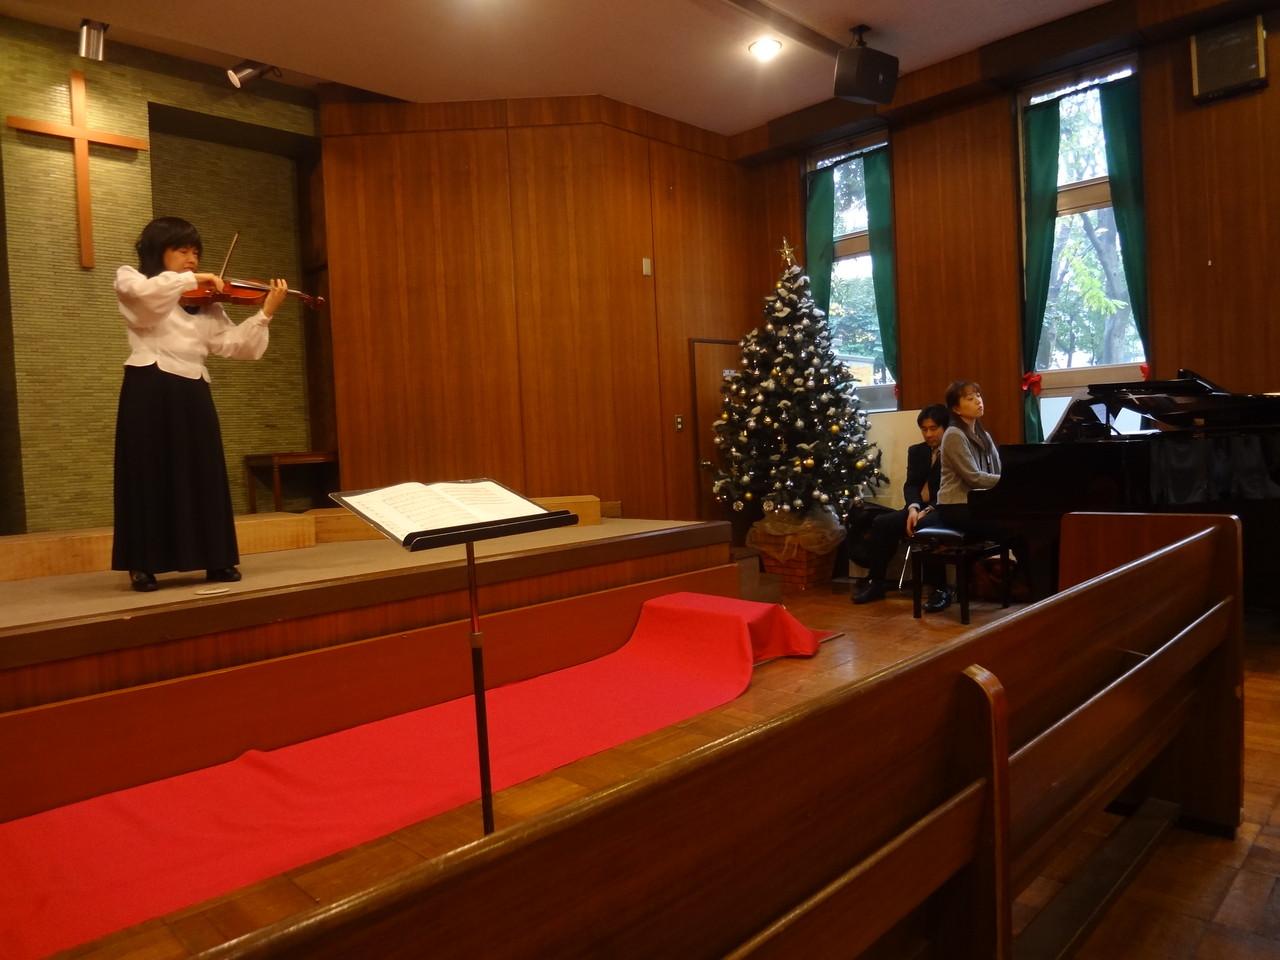 緊張の荒木さんに琴絵先生のピアノが優しく響きバックアップ。